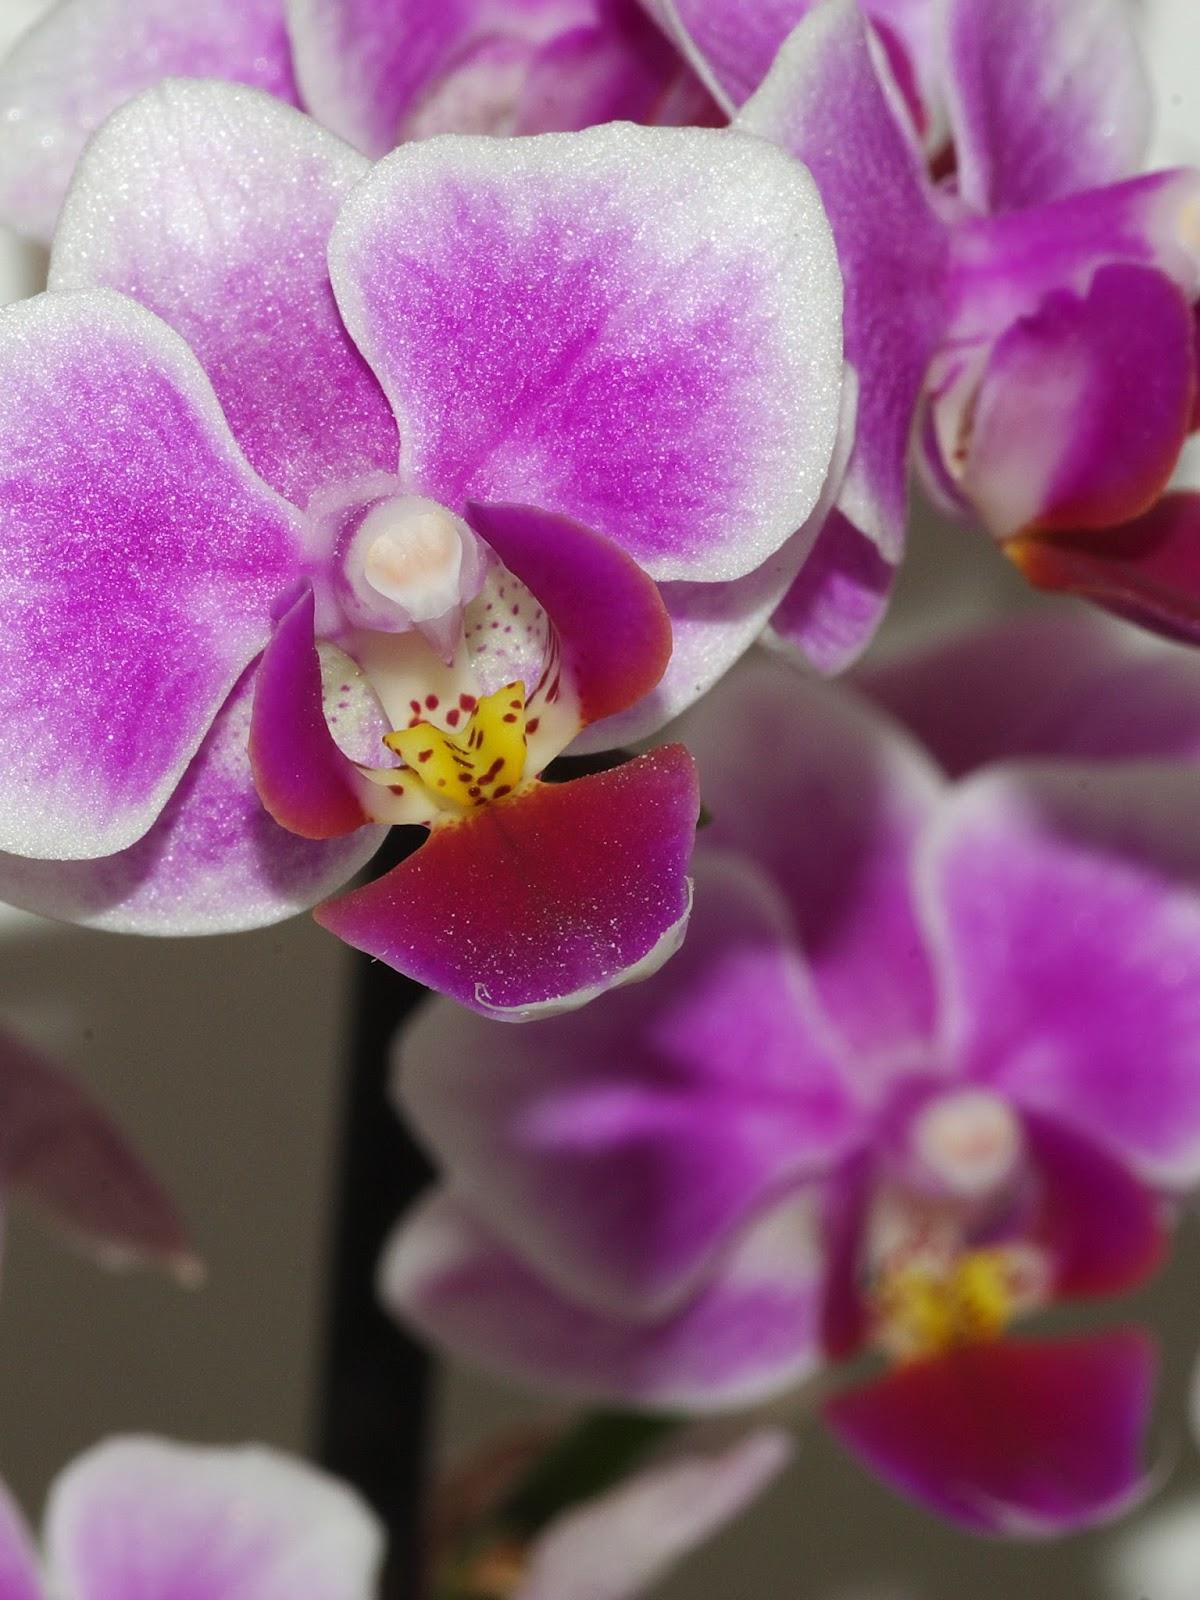 Comment faire refleurir les orchid es - Prendre soin des orchidees ...